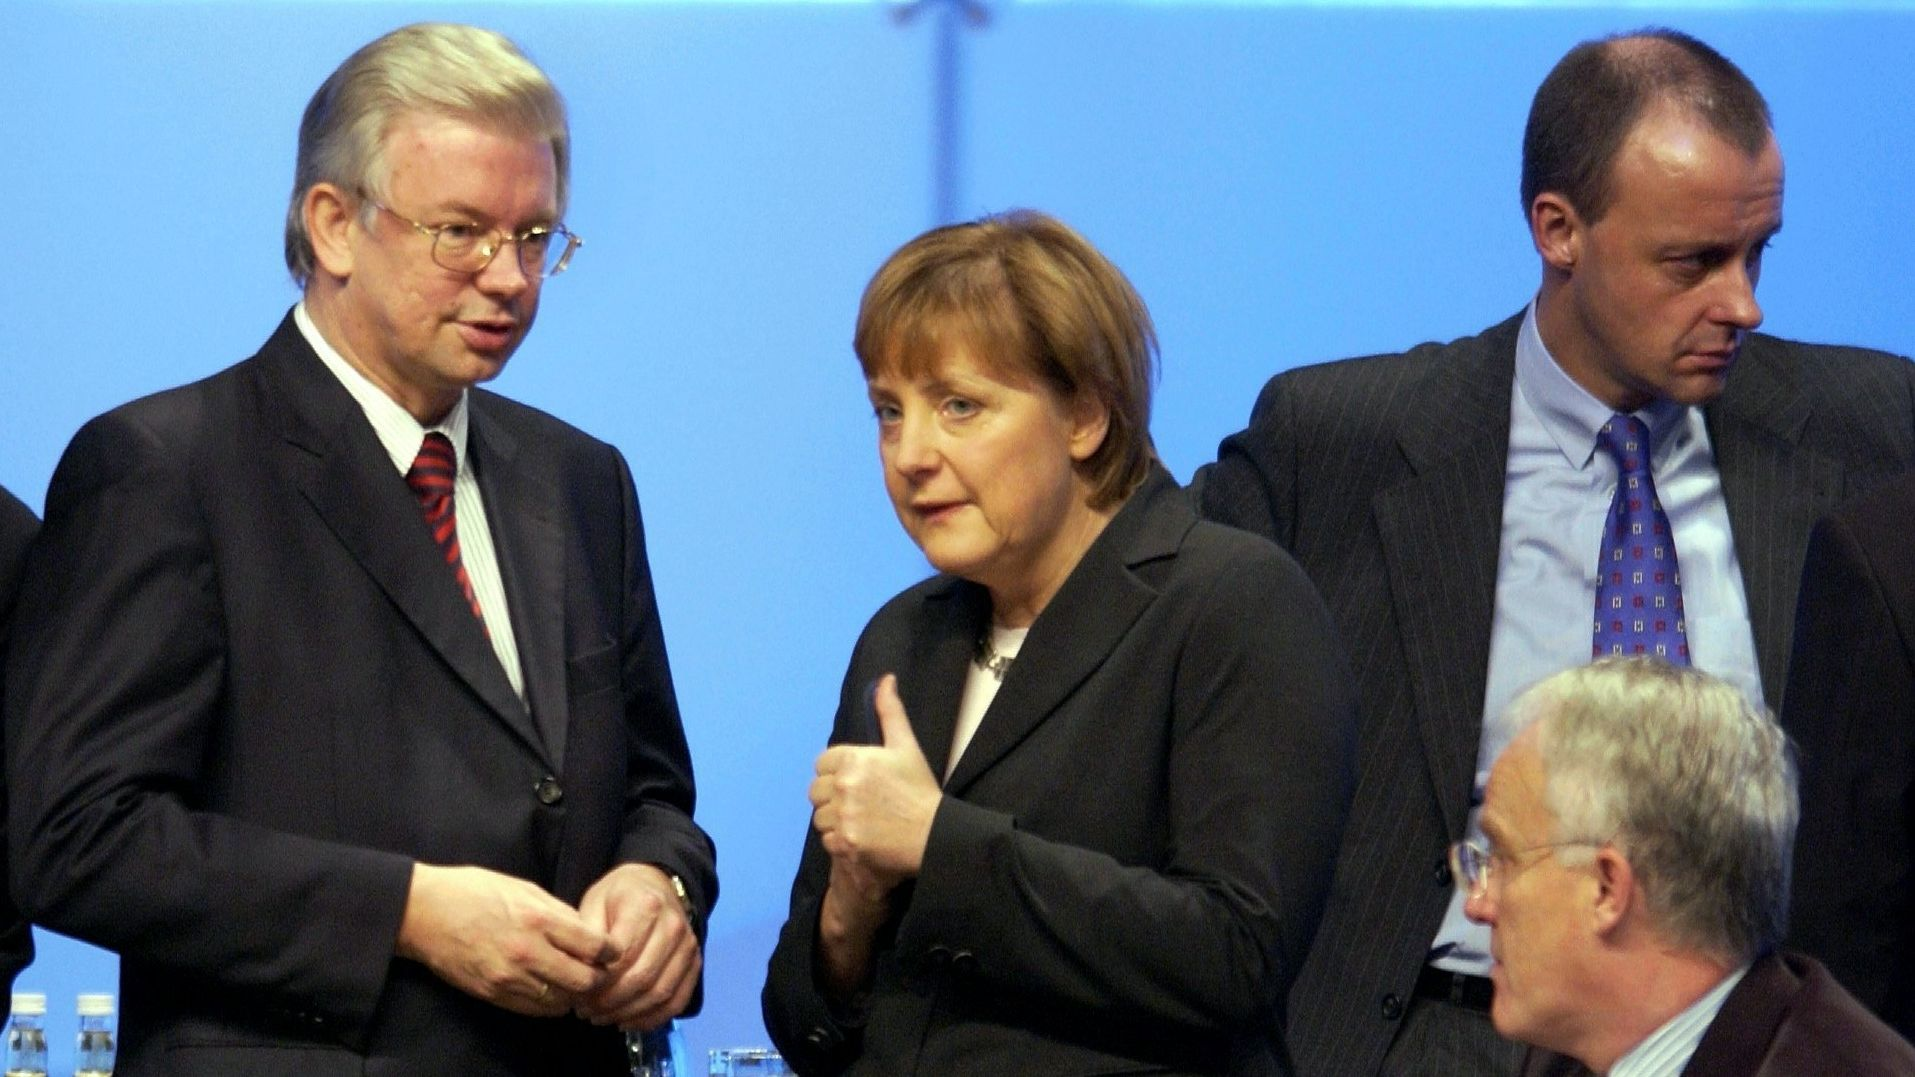 Ein Bild aus alten Zeiten: 16 Jahre nach dem Entstehen des Fotos bestimmen Koch, Merkel und Merz aktuell wieder die Debatte in der CDU.